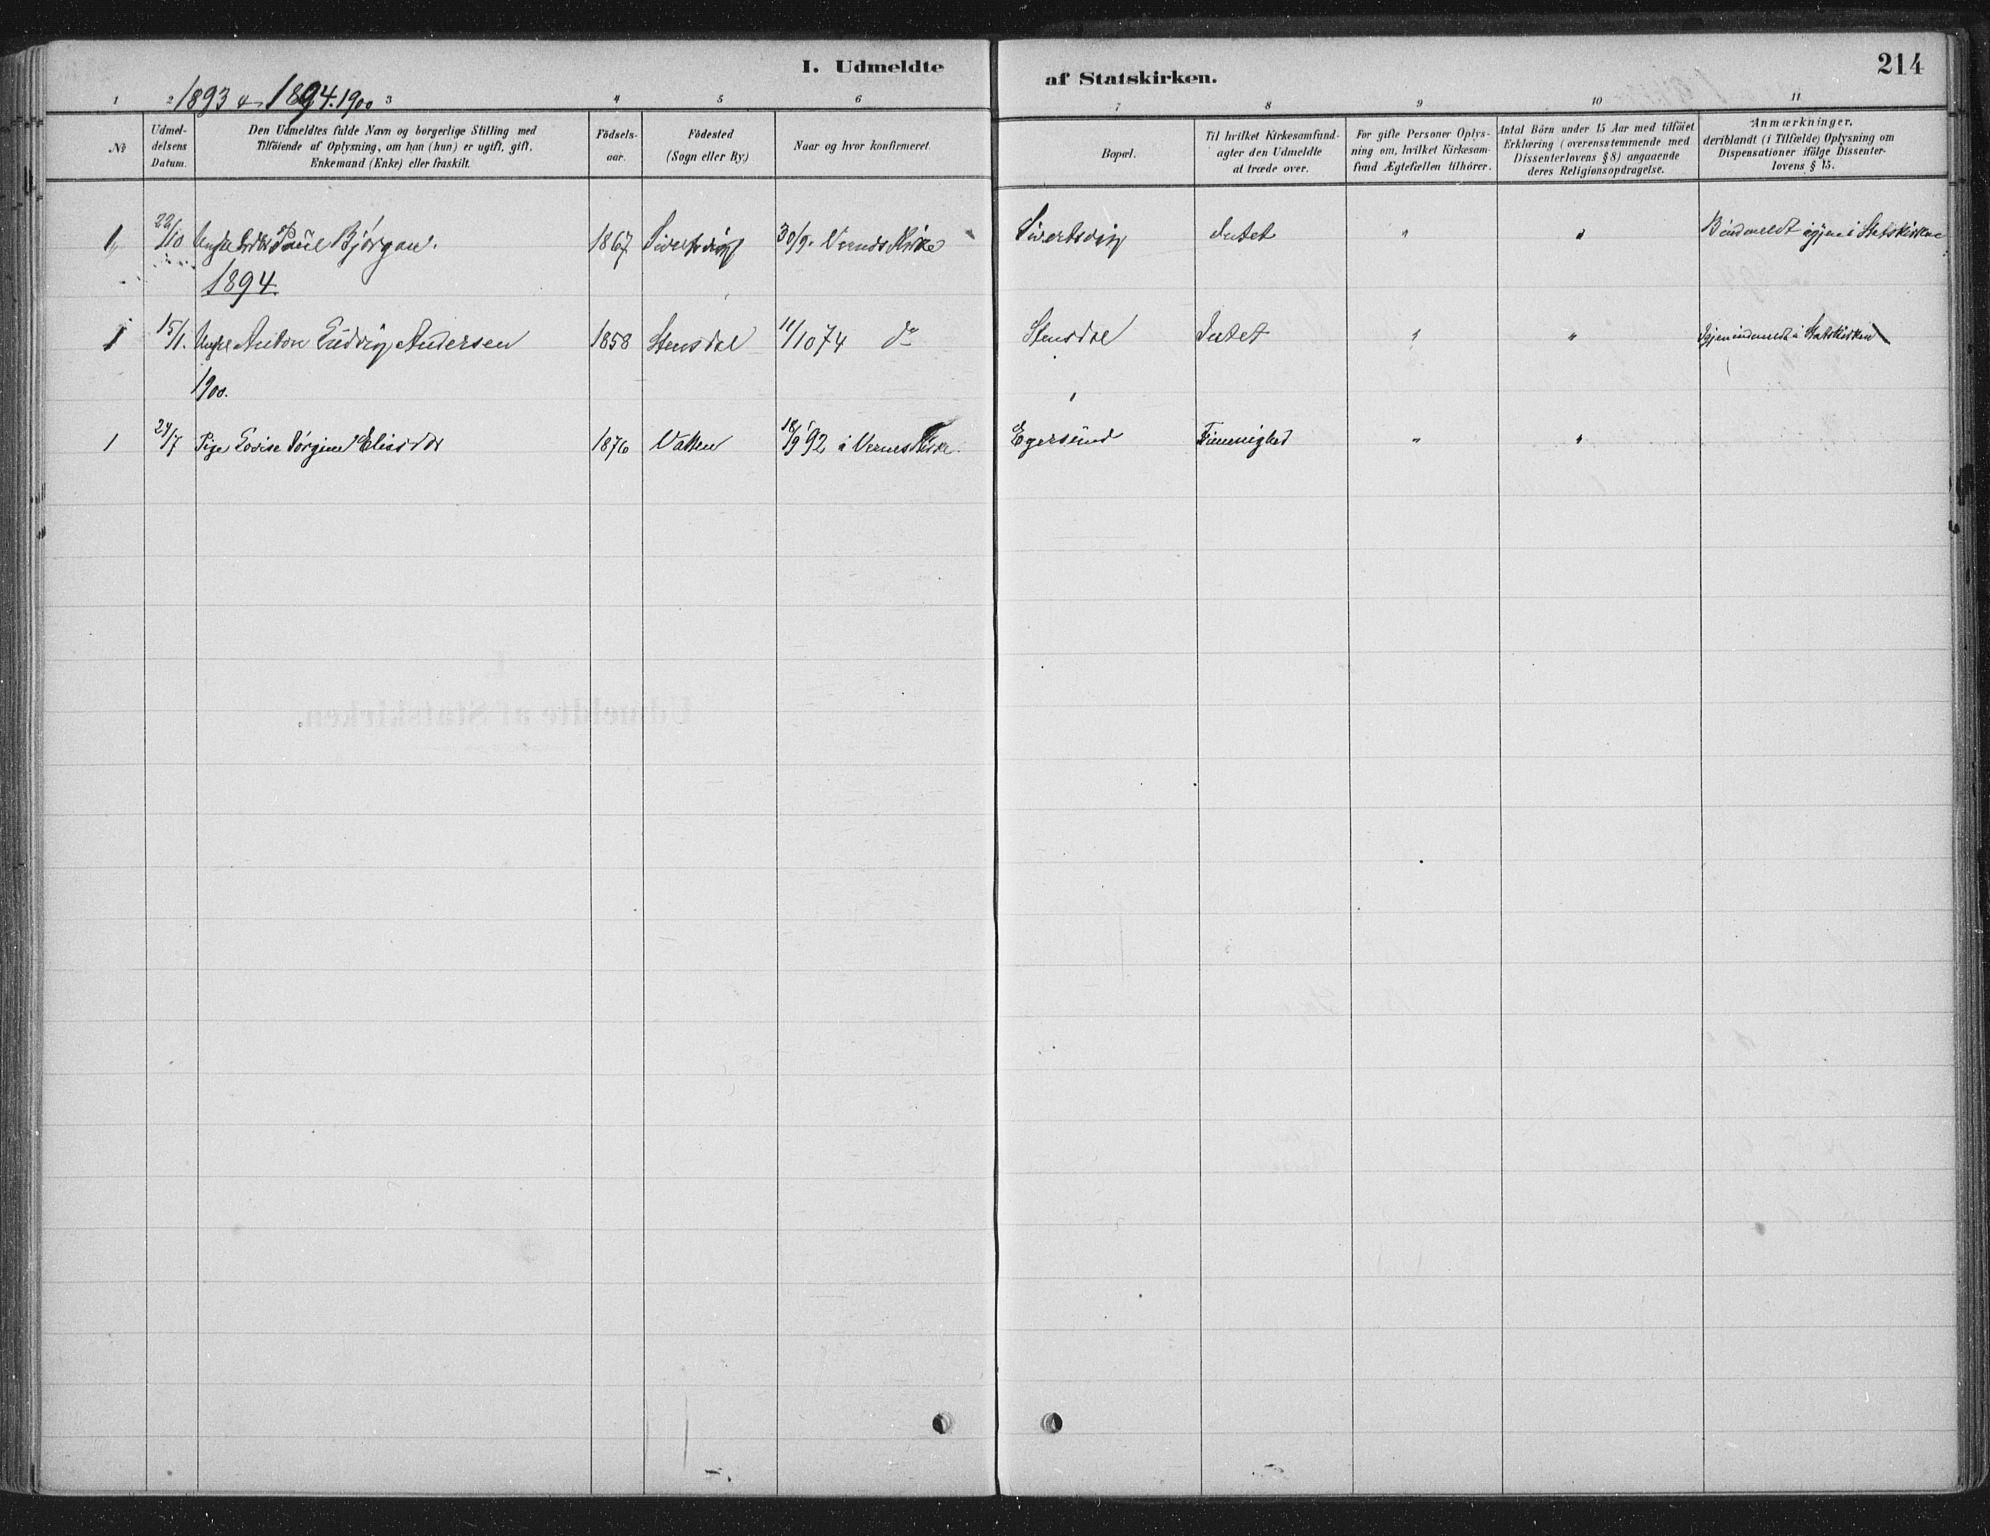 SAT, Ministerialprotokoller, klokkerbøker og fødselsregistre - Sør-Trøndelag, 662/L0755: Ministerialbok nr. 662A01, 1879-1905, s. 214